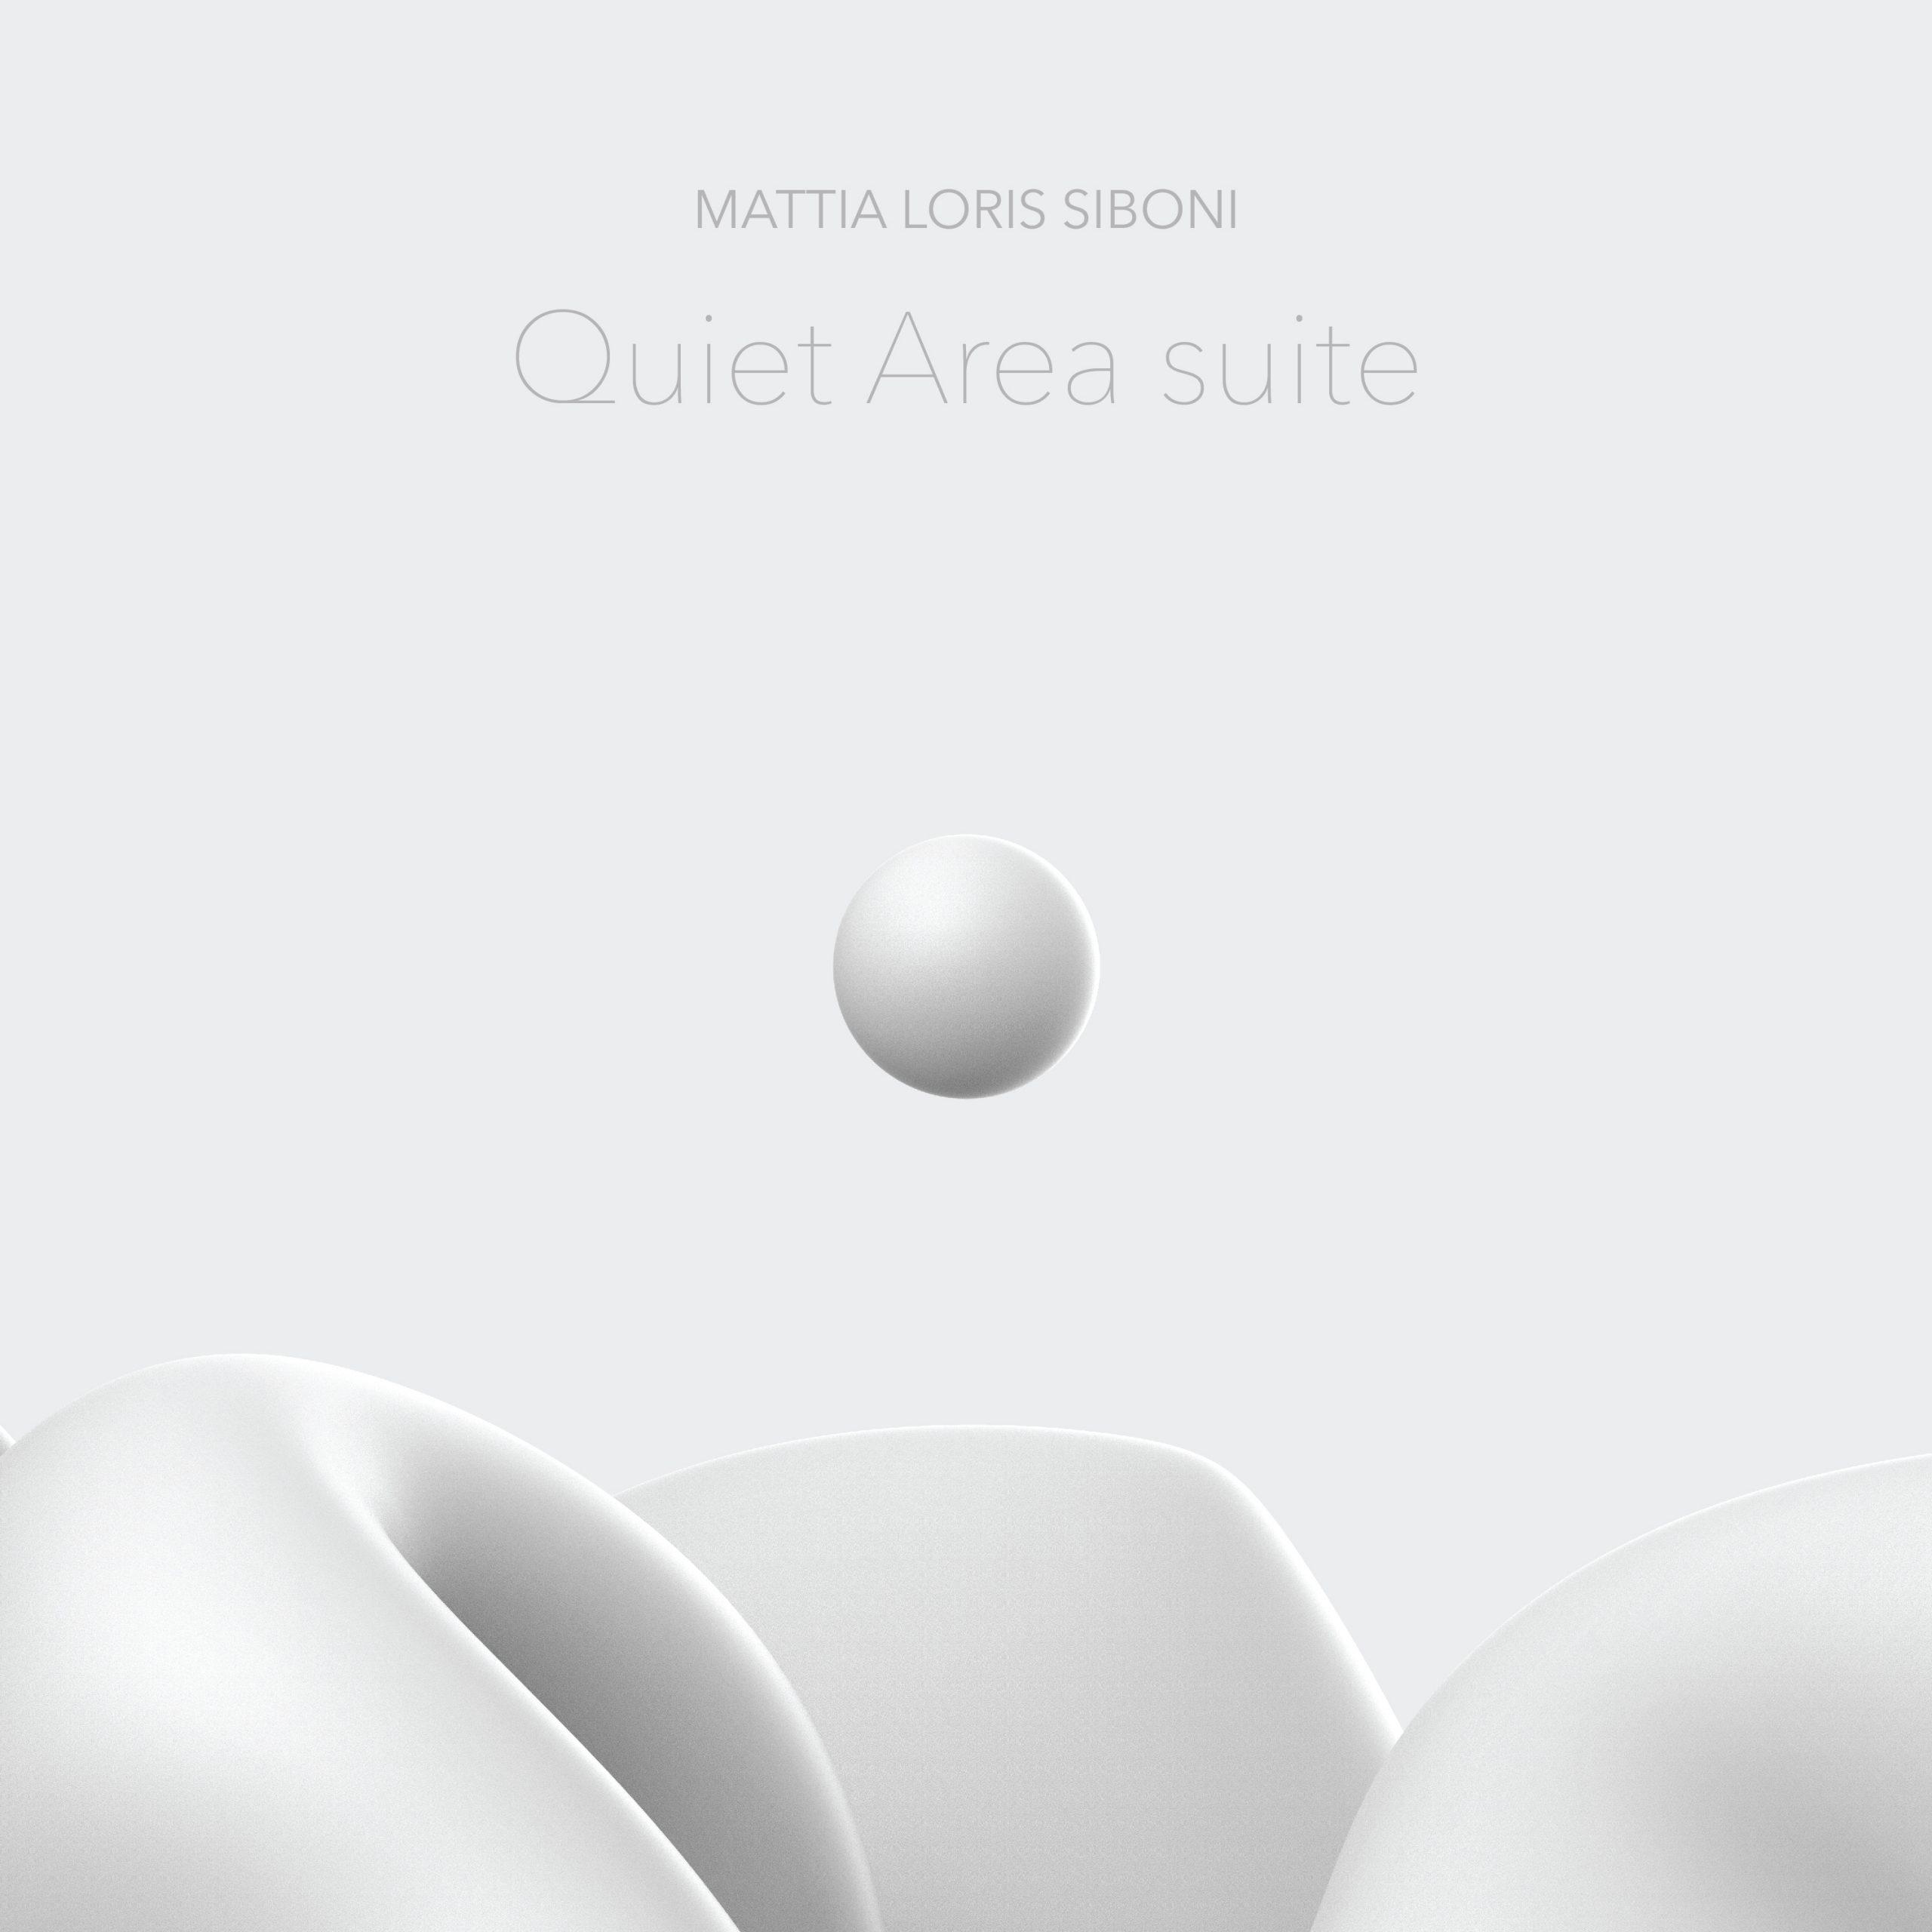 Quiet Area suite